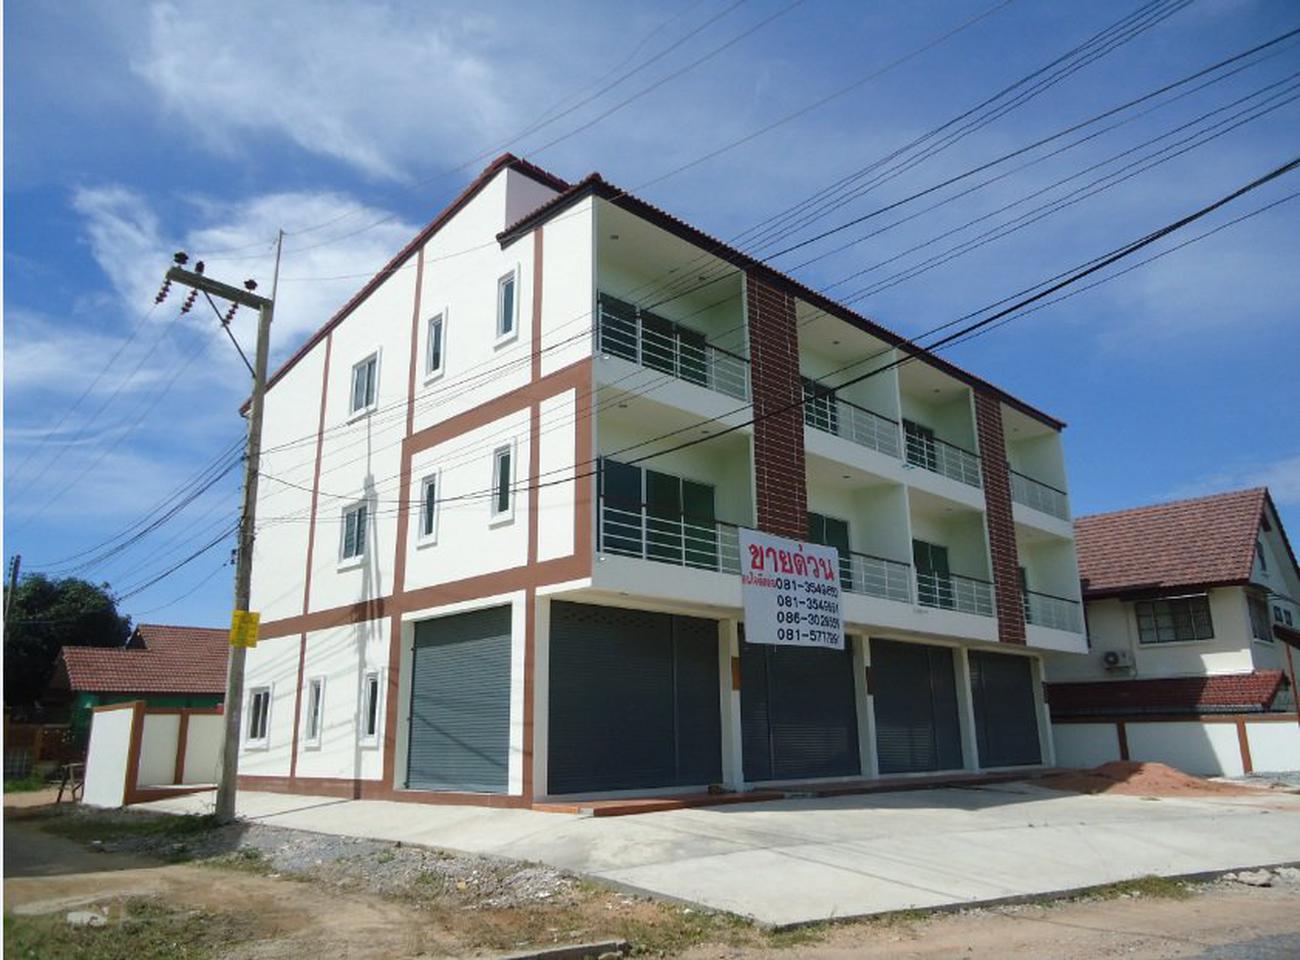 อาคารสร้างใหม่ 3 ชั้น จำนวน 2 คูหา ติดถนนทุ่งกลม ตาลหมัน 5 เข้าจาก ถ. สุขุมวิท 89 (พัทยา) รูปที่ 2